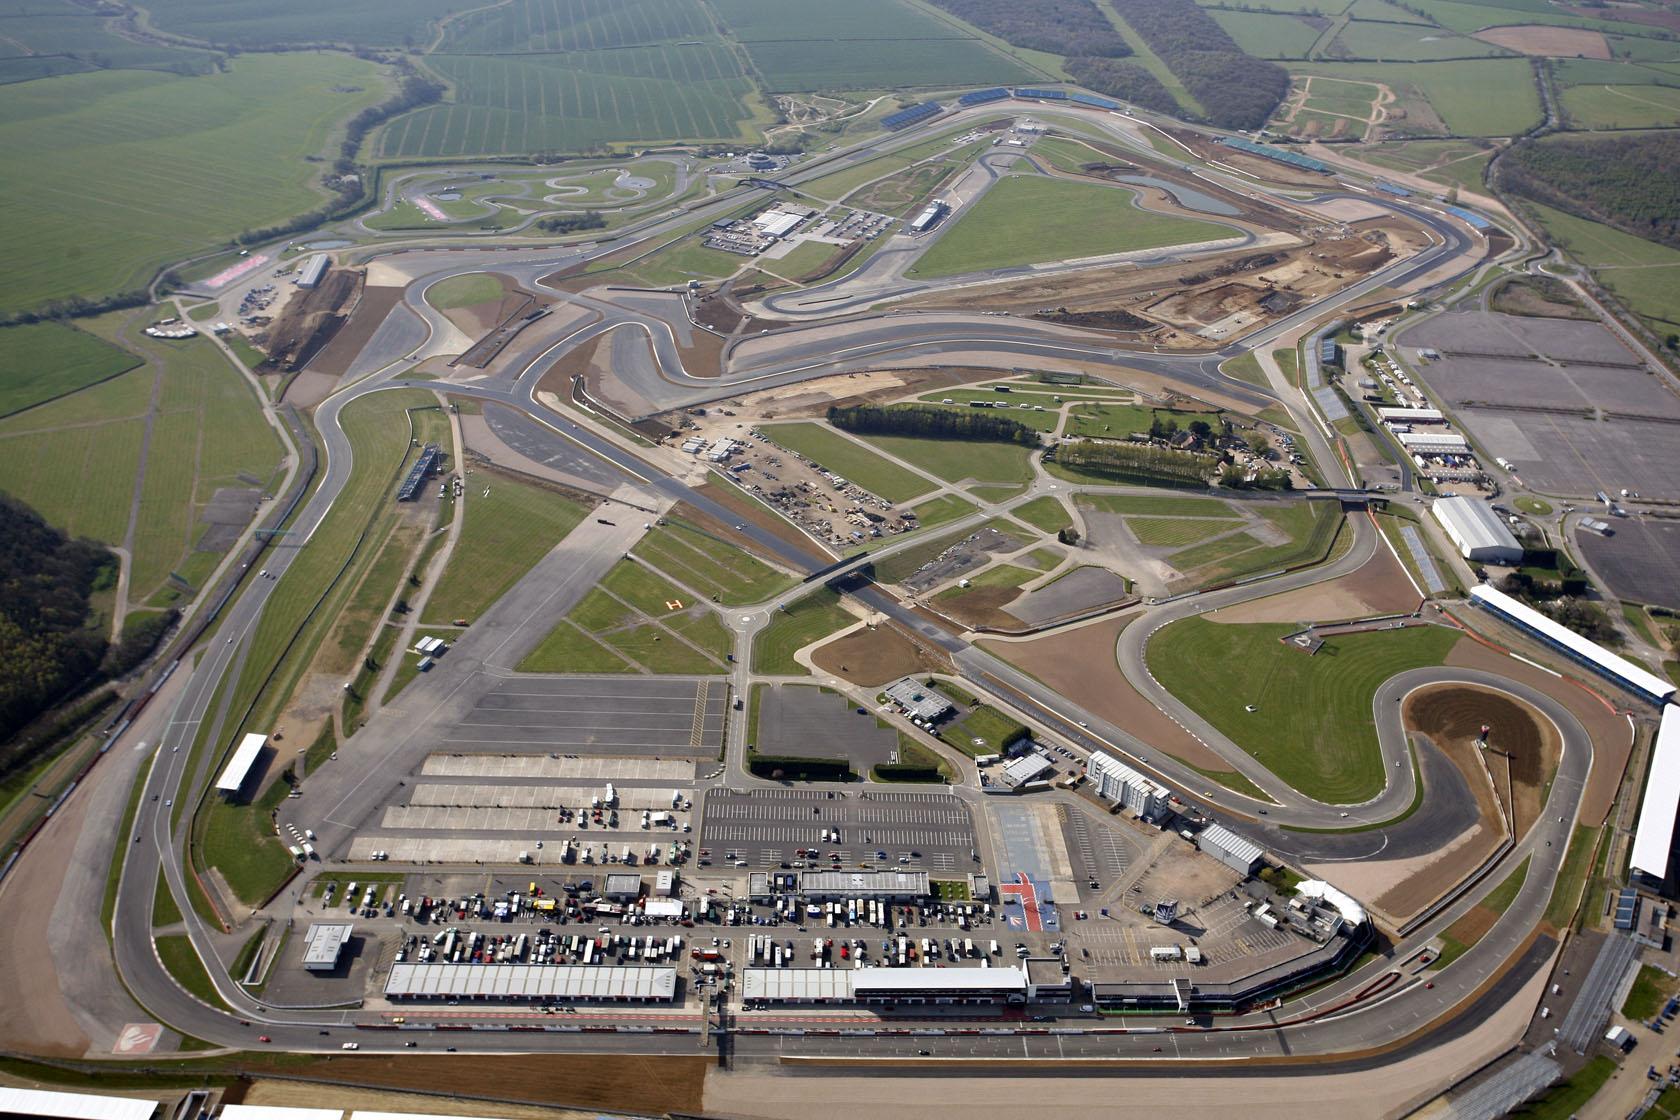 Circuito De Silverstone : Octo british grand prix silverstone circuit great britain